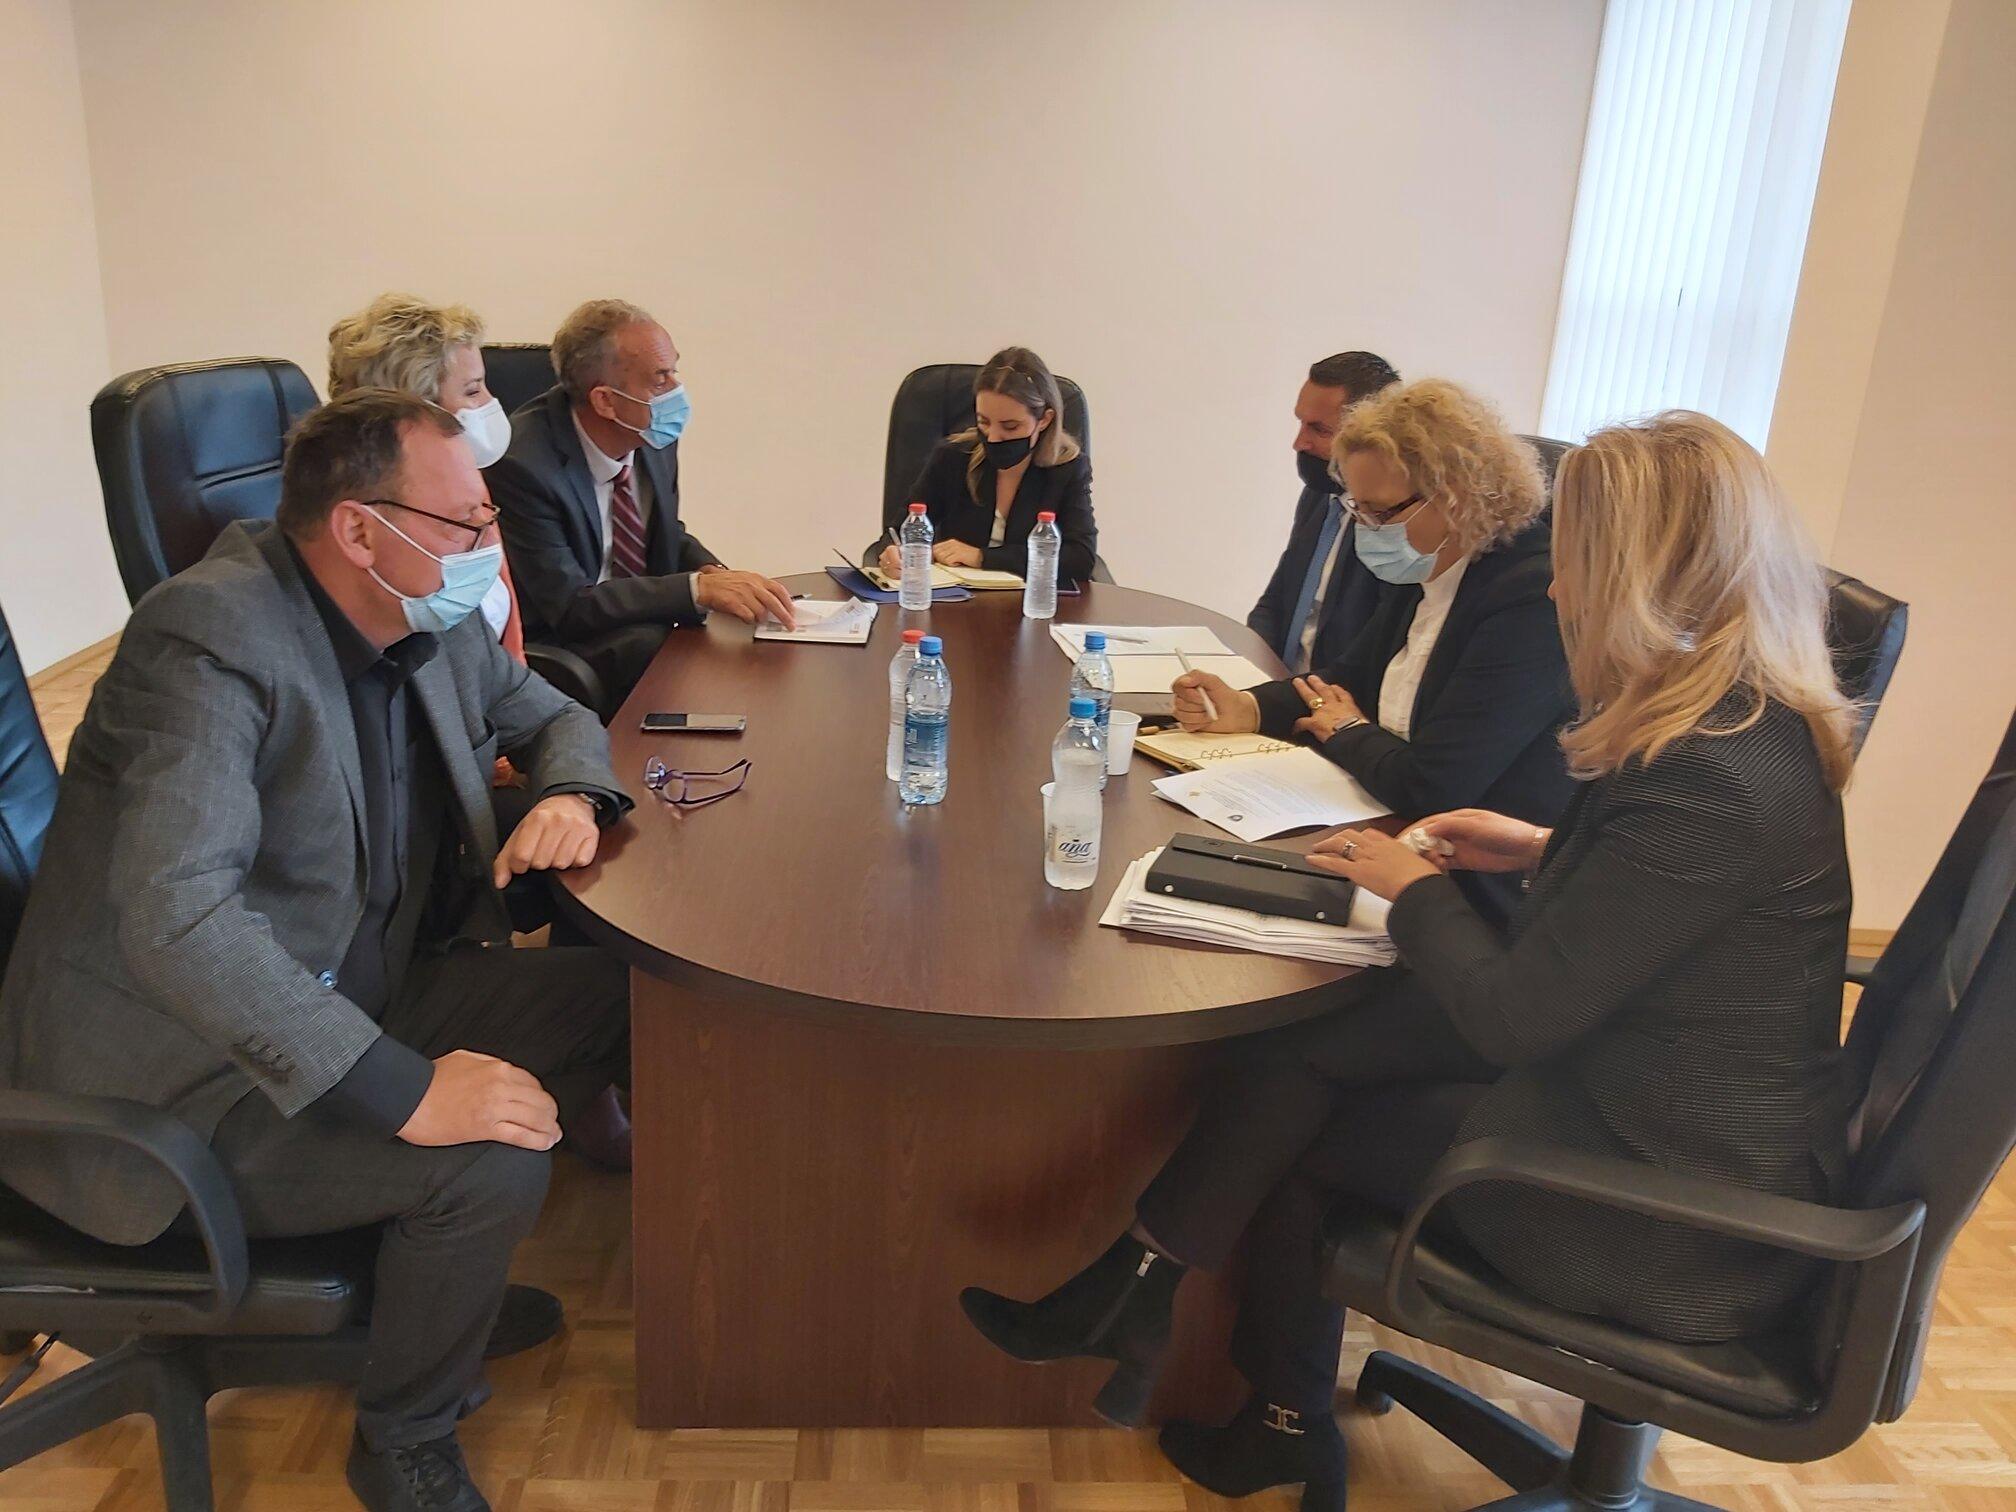 Komisioni për Administrimin e Prokurorive viziton Prokurorinë Themelore të Gjakovës